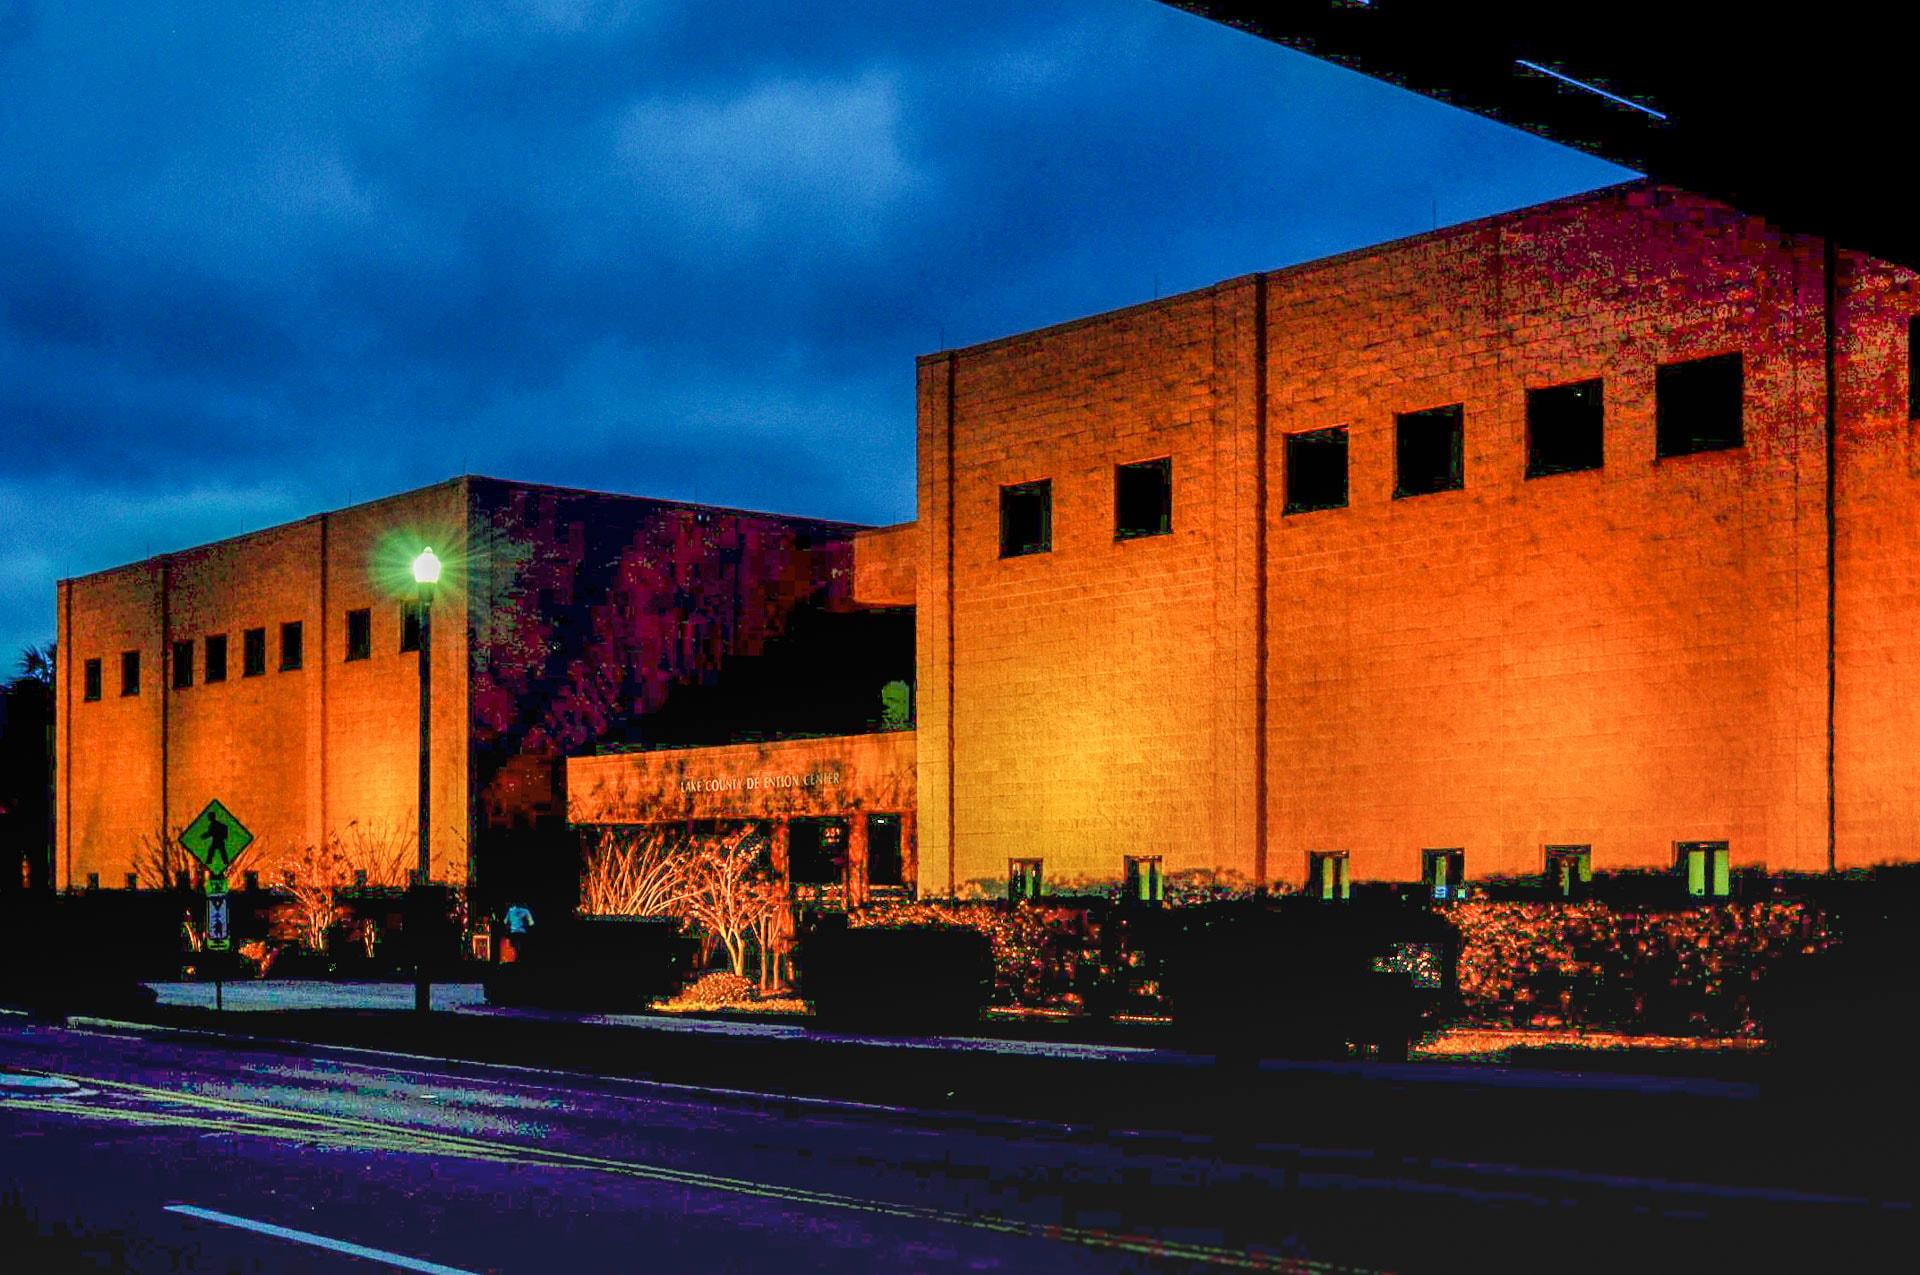 Lake County Detention Center - Tavares Jail